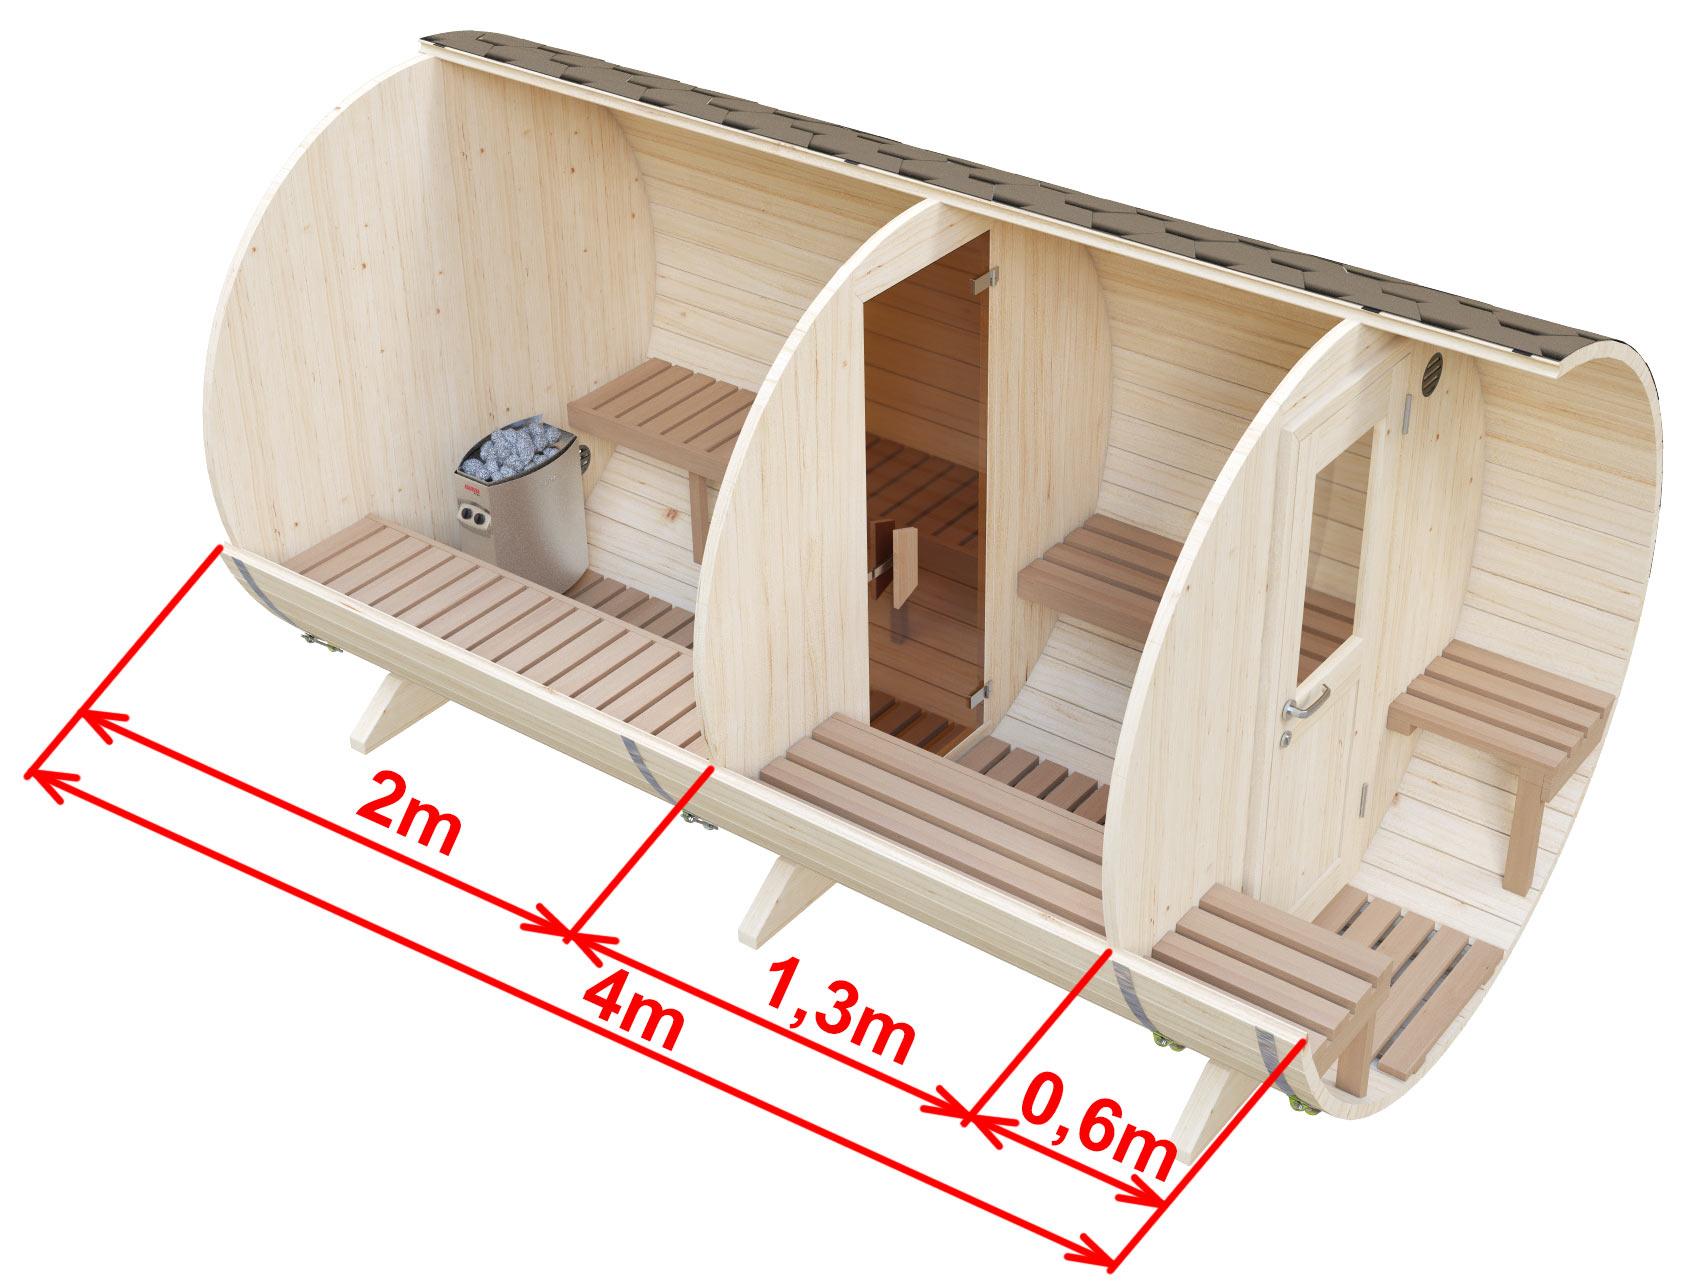 Размеры сауны с раздевалкой и наружными сиденьями